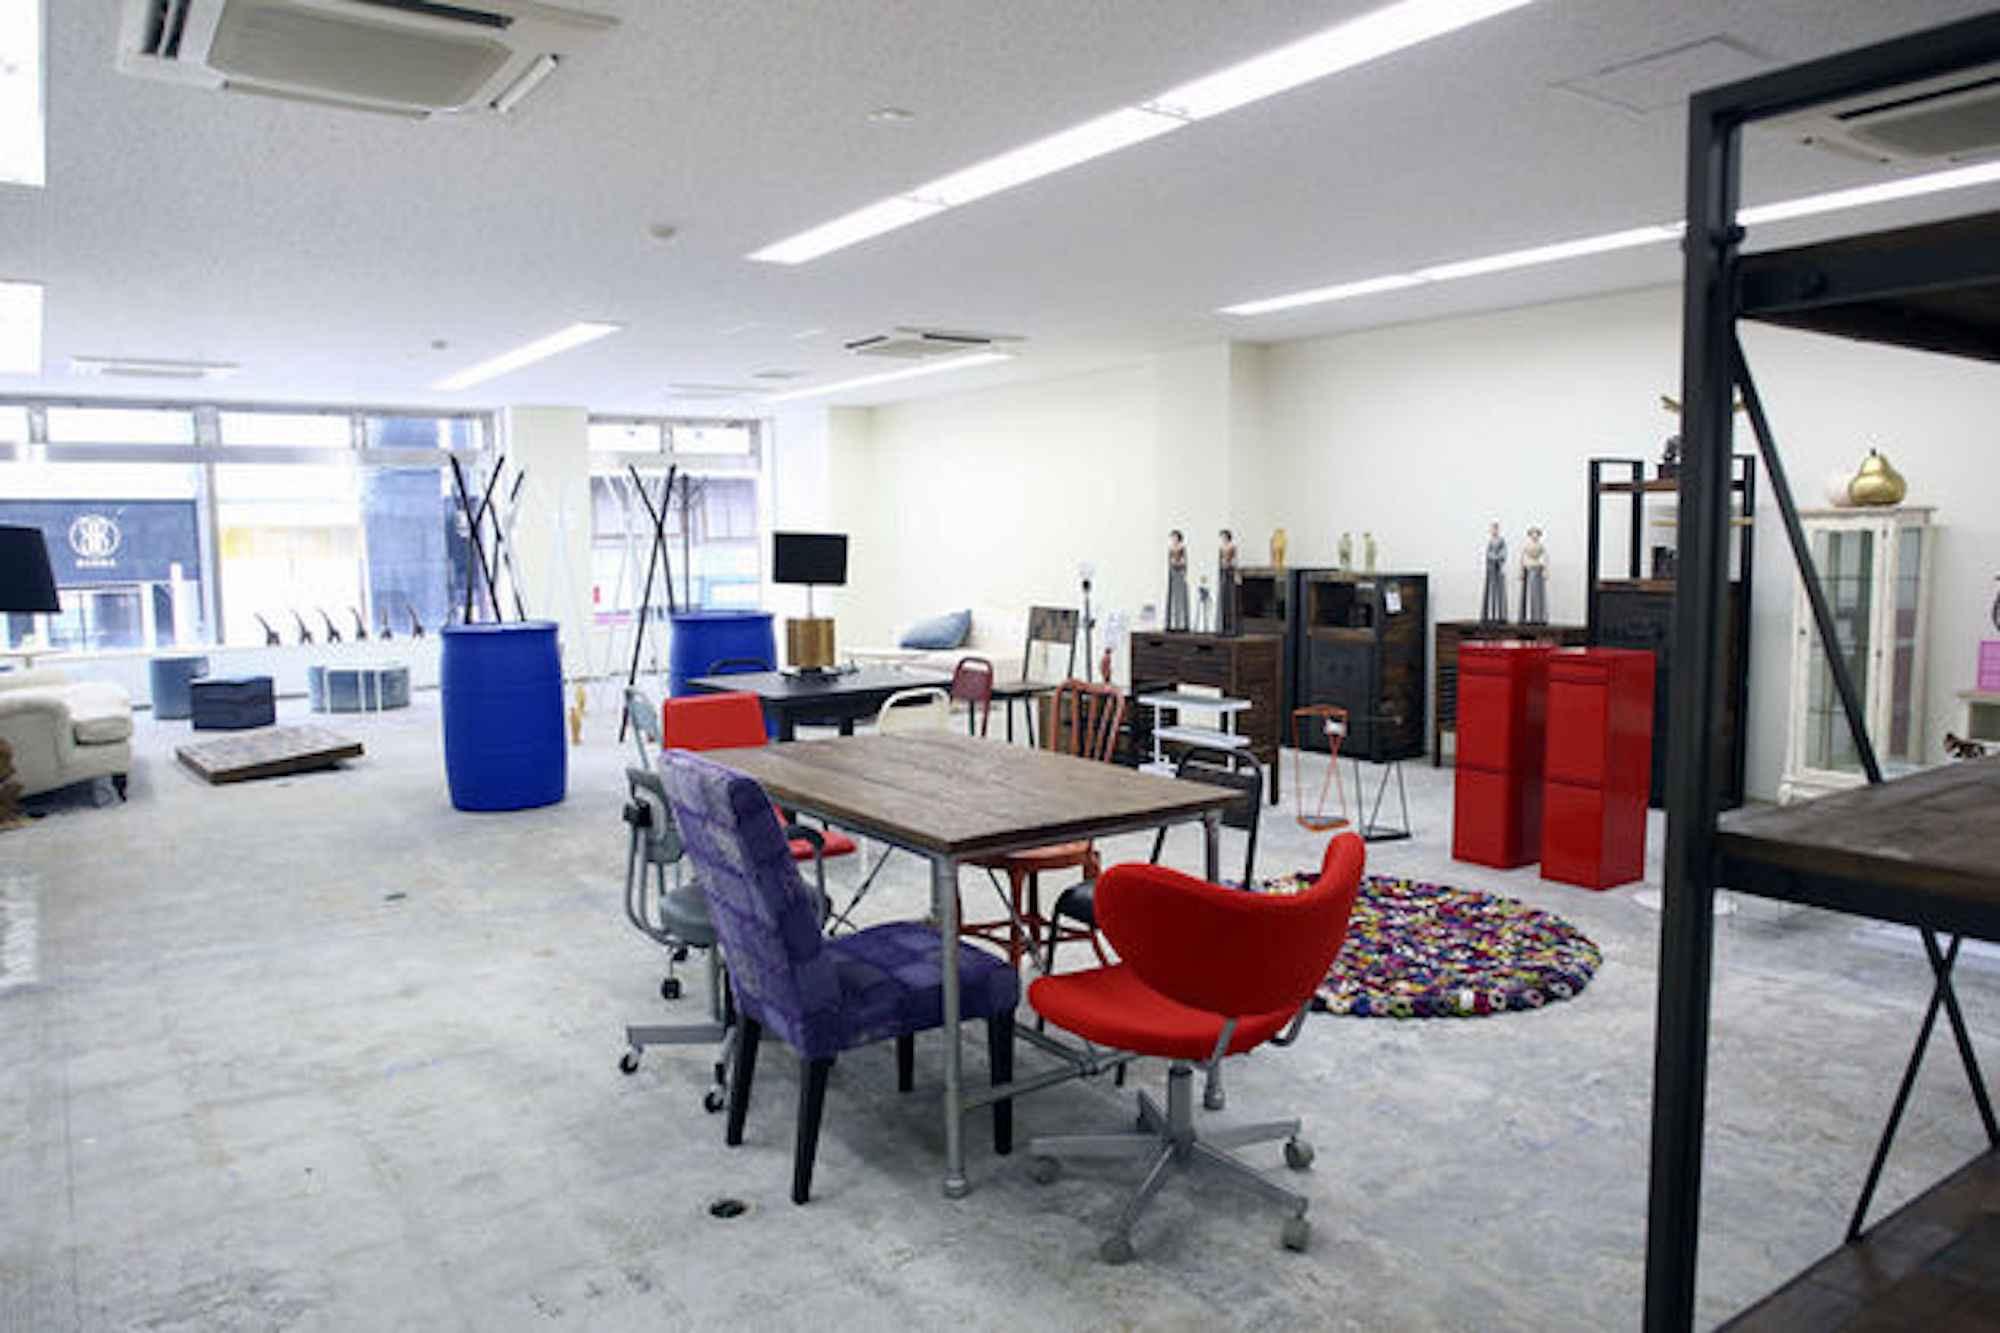 会場のお洒落なイベントスペース「【銀座】CHAIRS」。銀座駅、新橋駅から徒歩圏内でアクセスも良いです